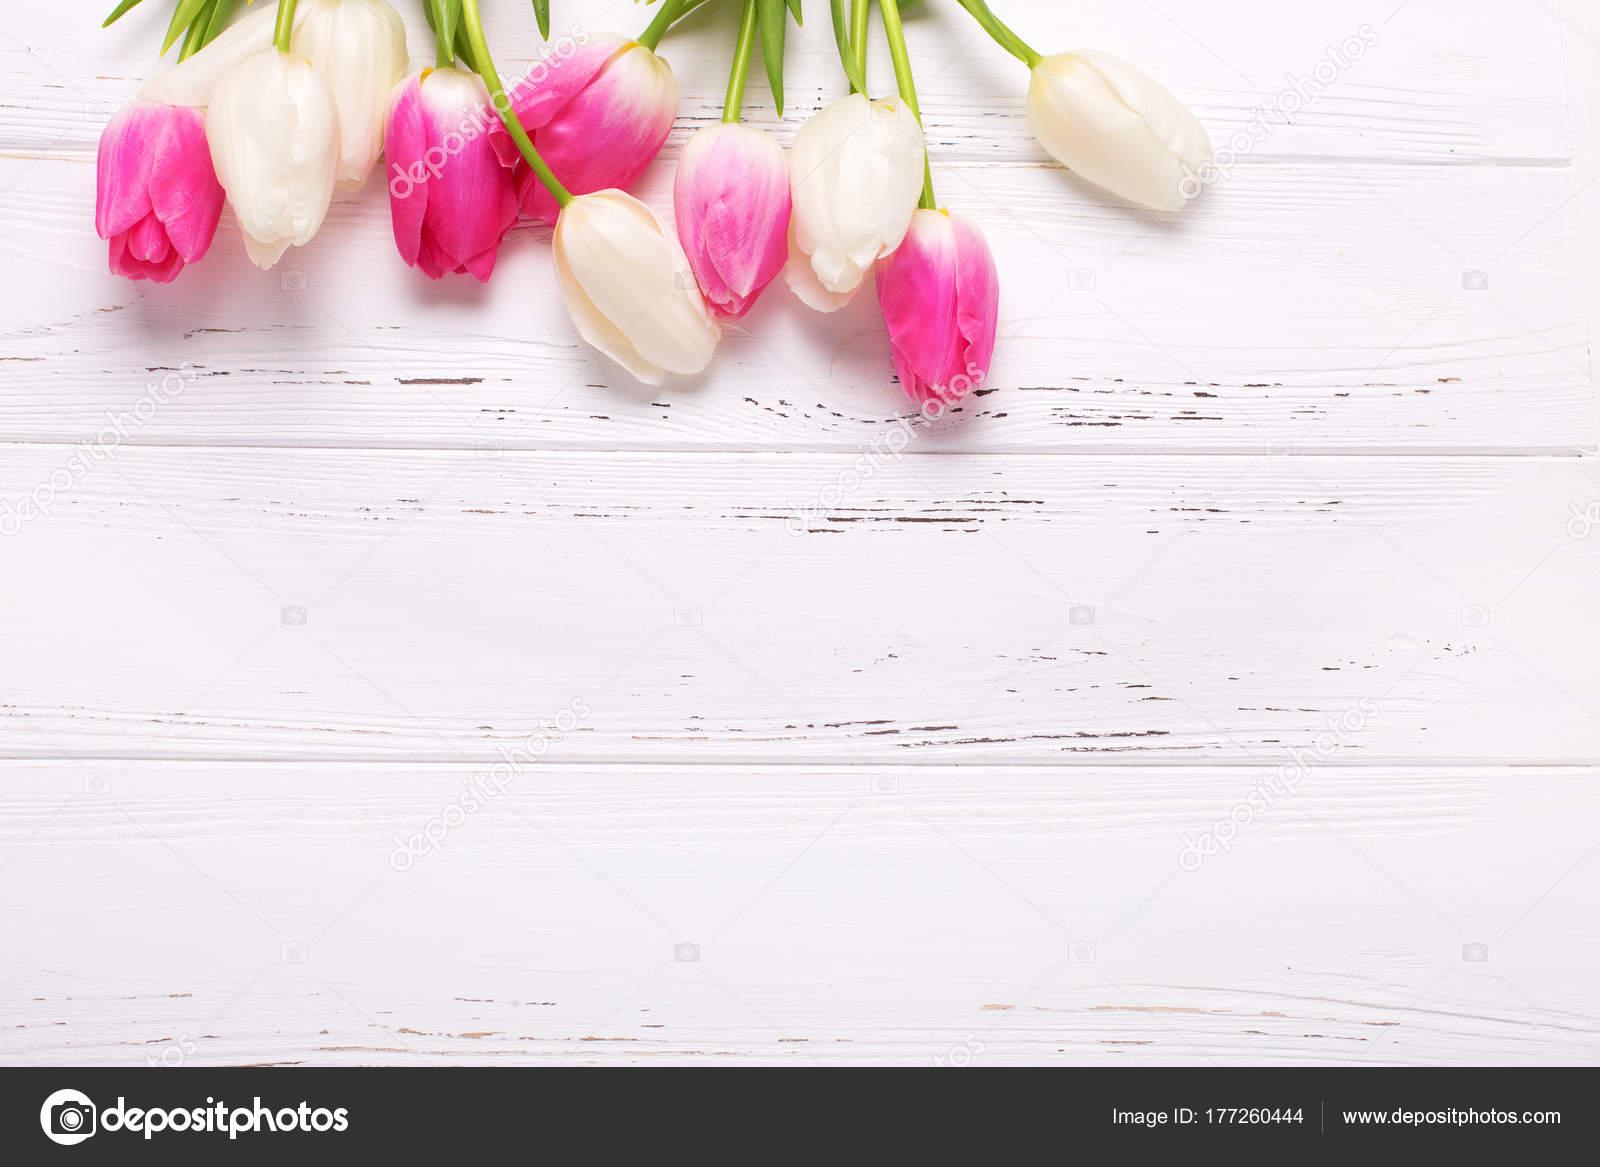 Fondo De Madera Vintage Con Flores Blancas Manzana Y: Flores Tulipanes Color Rosa Blanco Sobre Fondo Madera